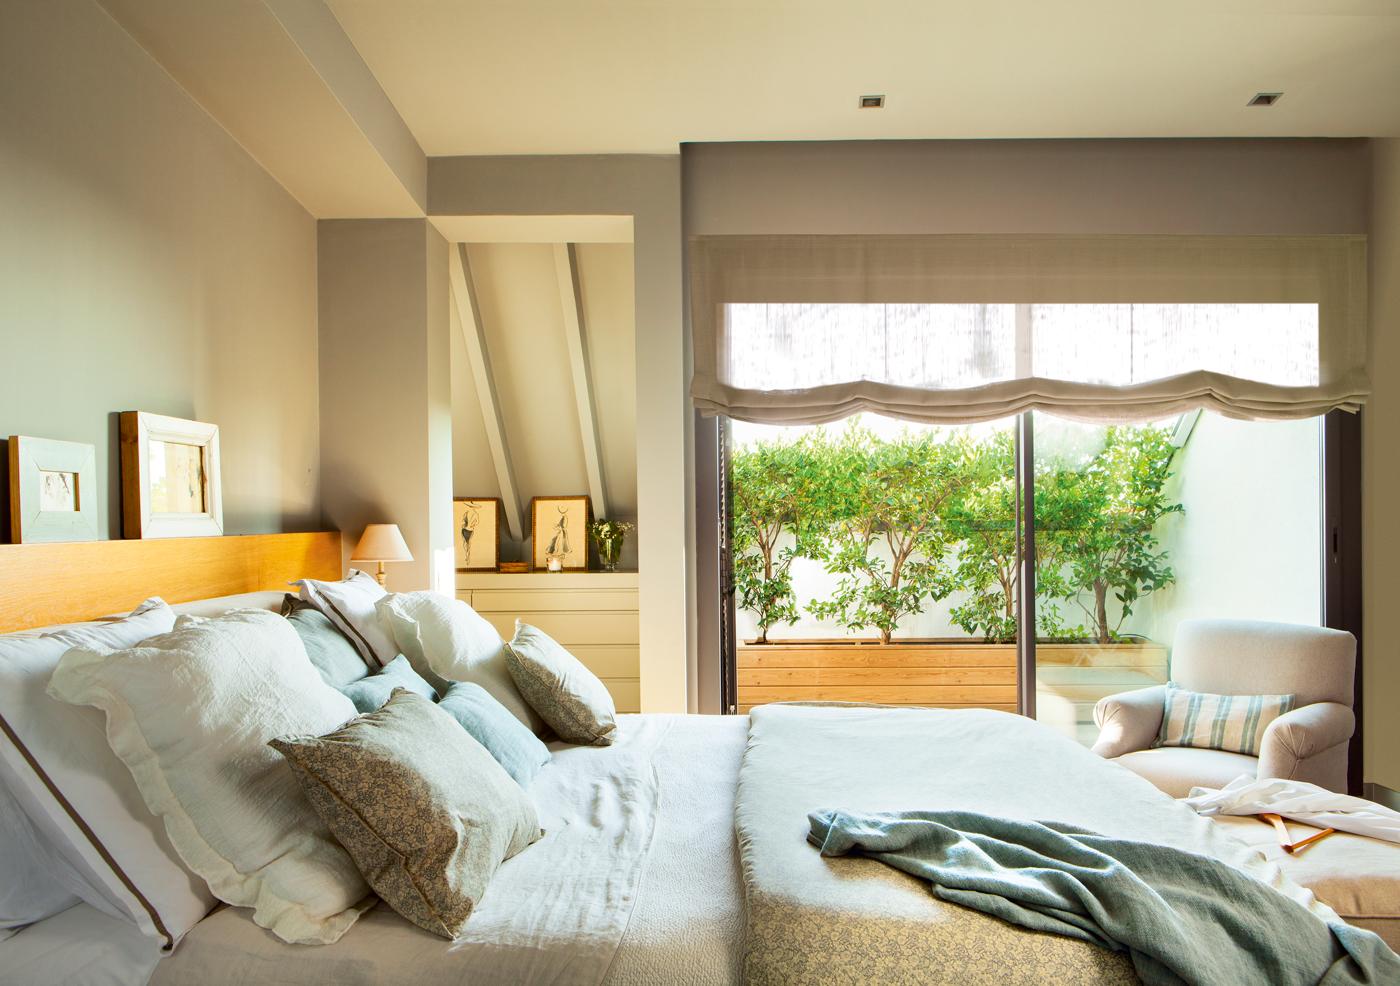 00421122. Dormitorio con cabecero de madera, pintura tostada, estor 00421122